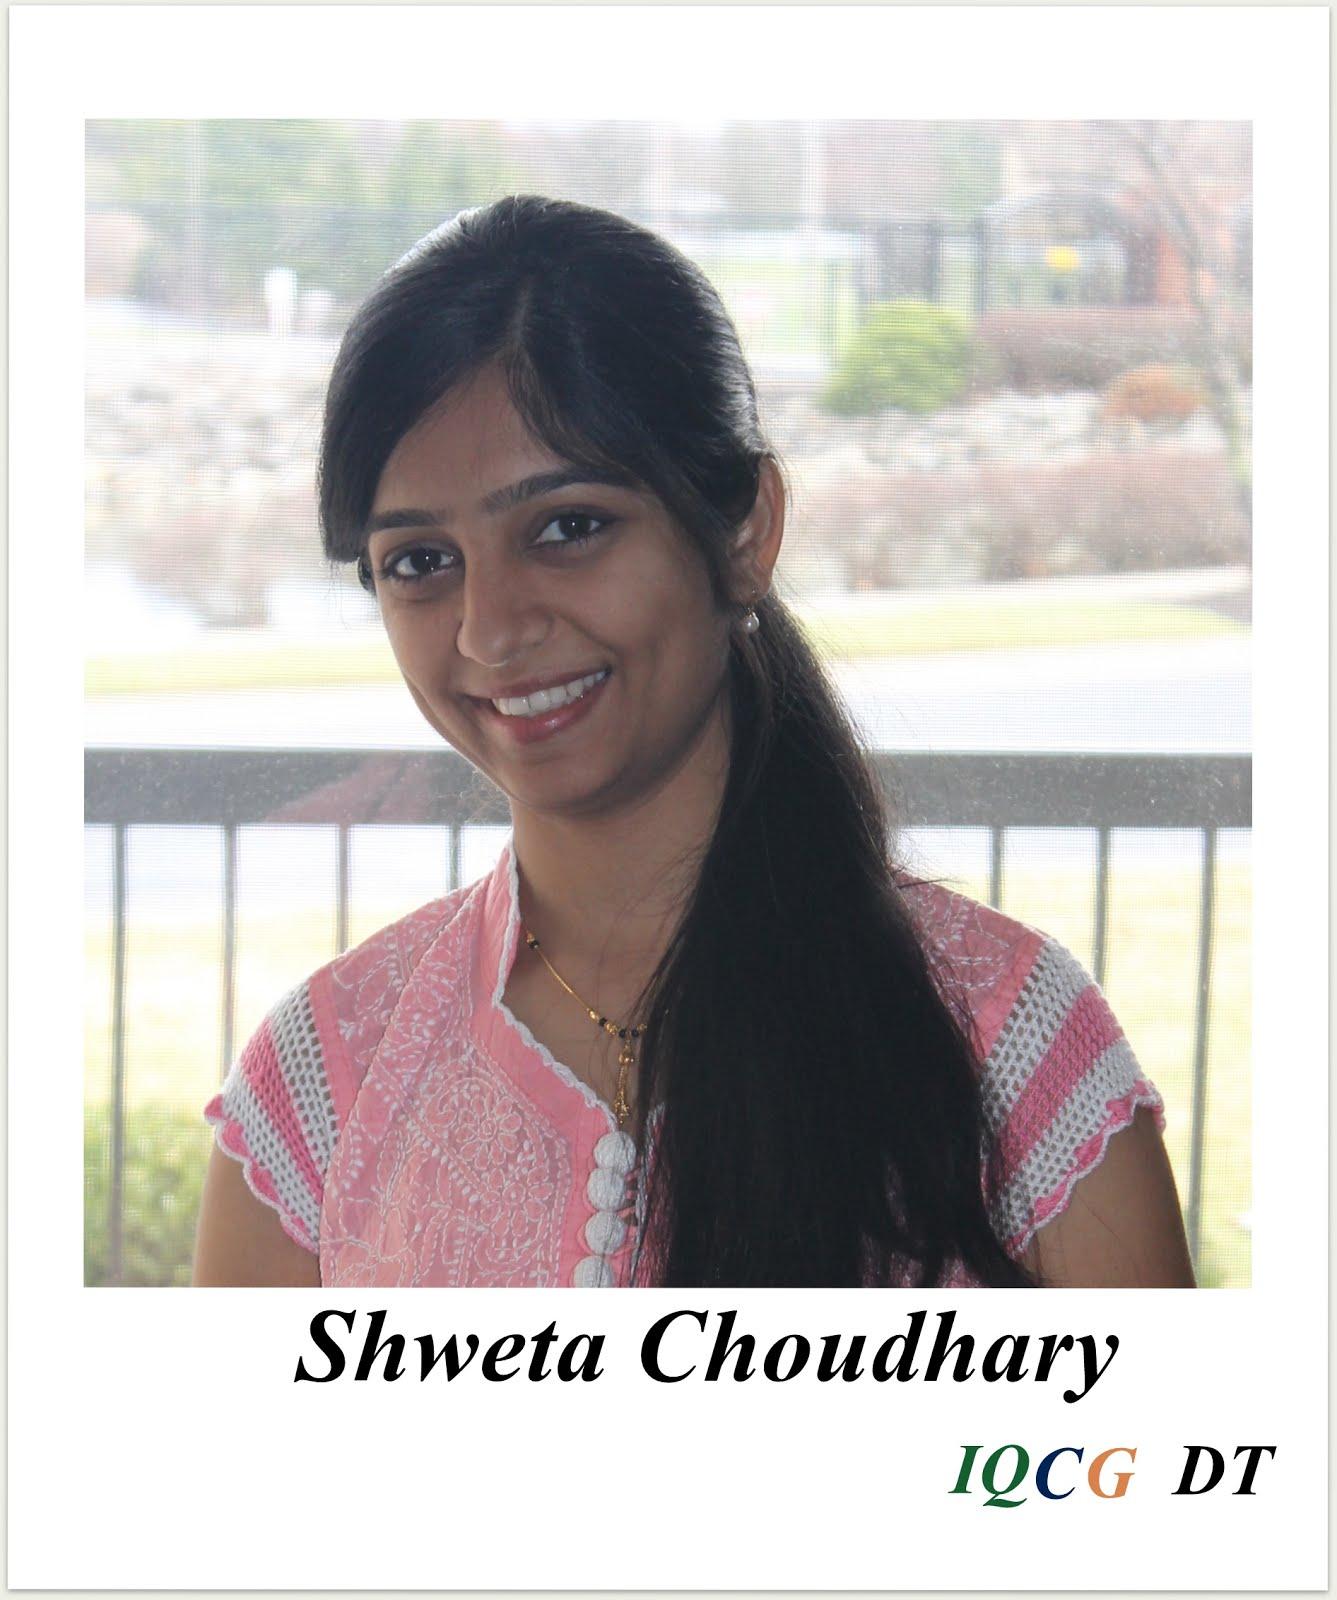 Shweta Choudhary